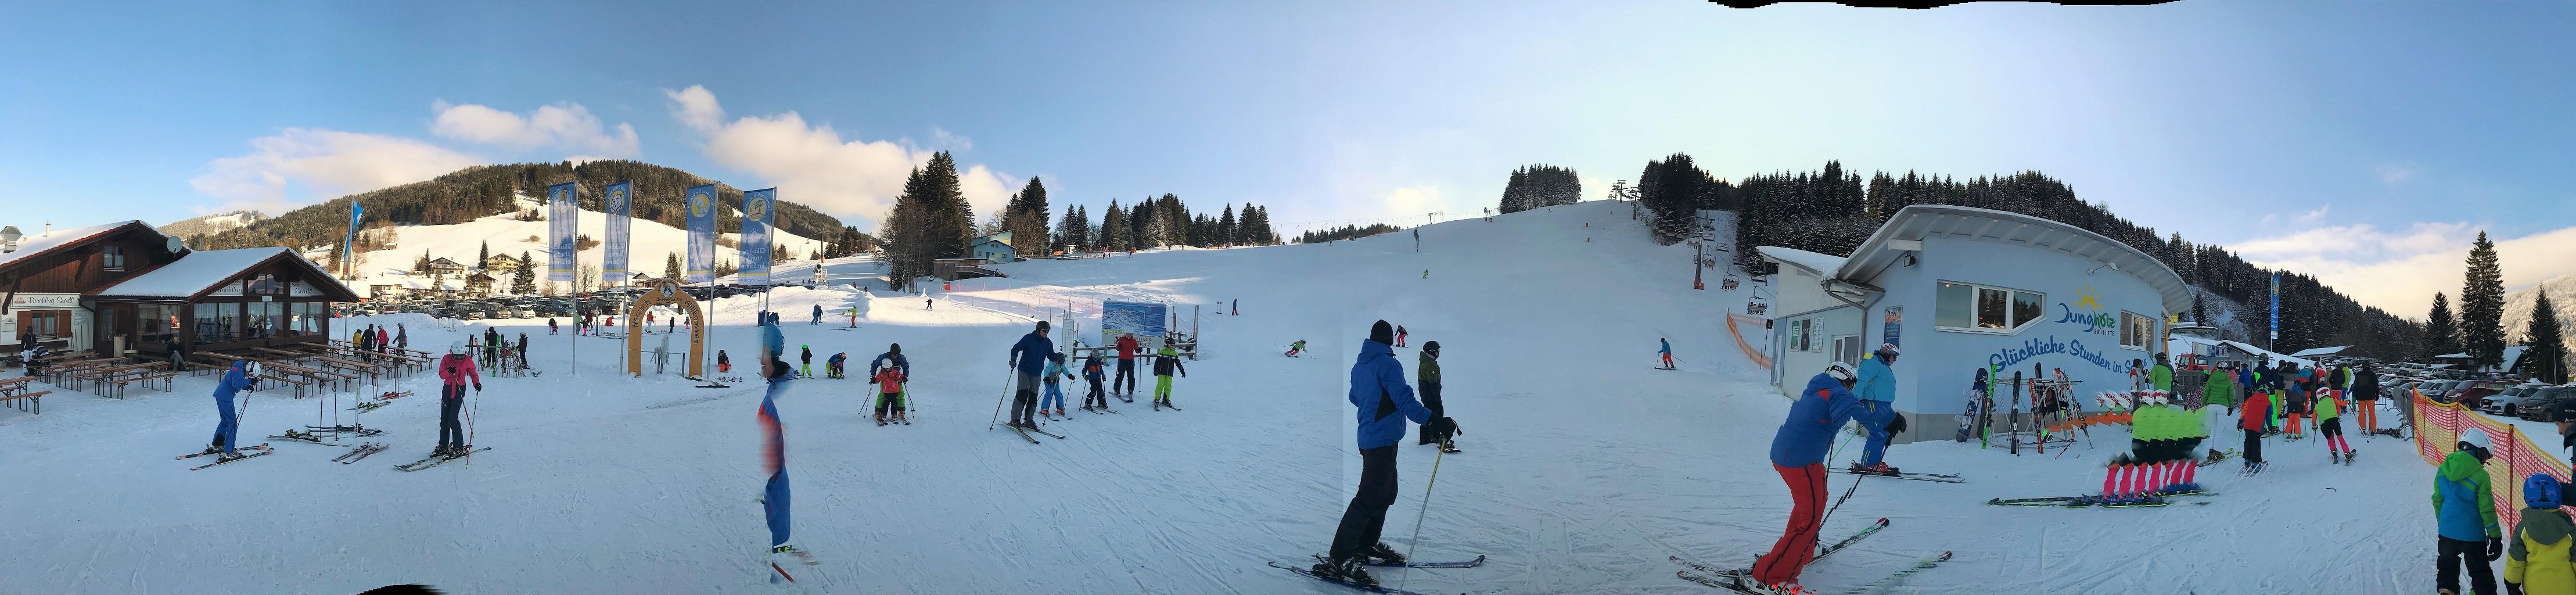 Skigebiet jungholz